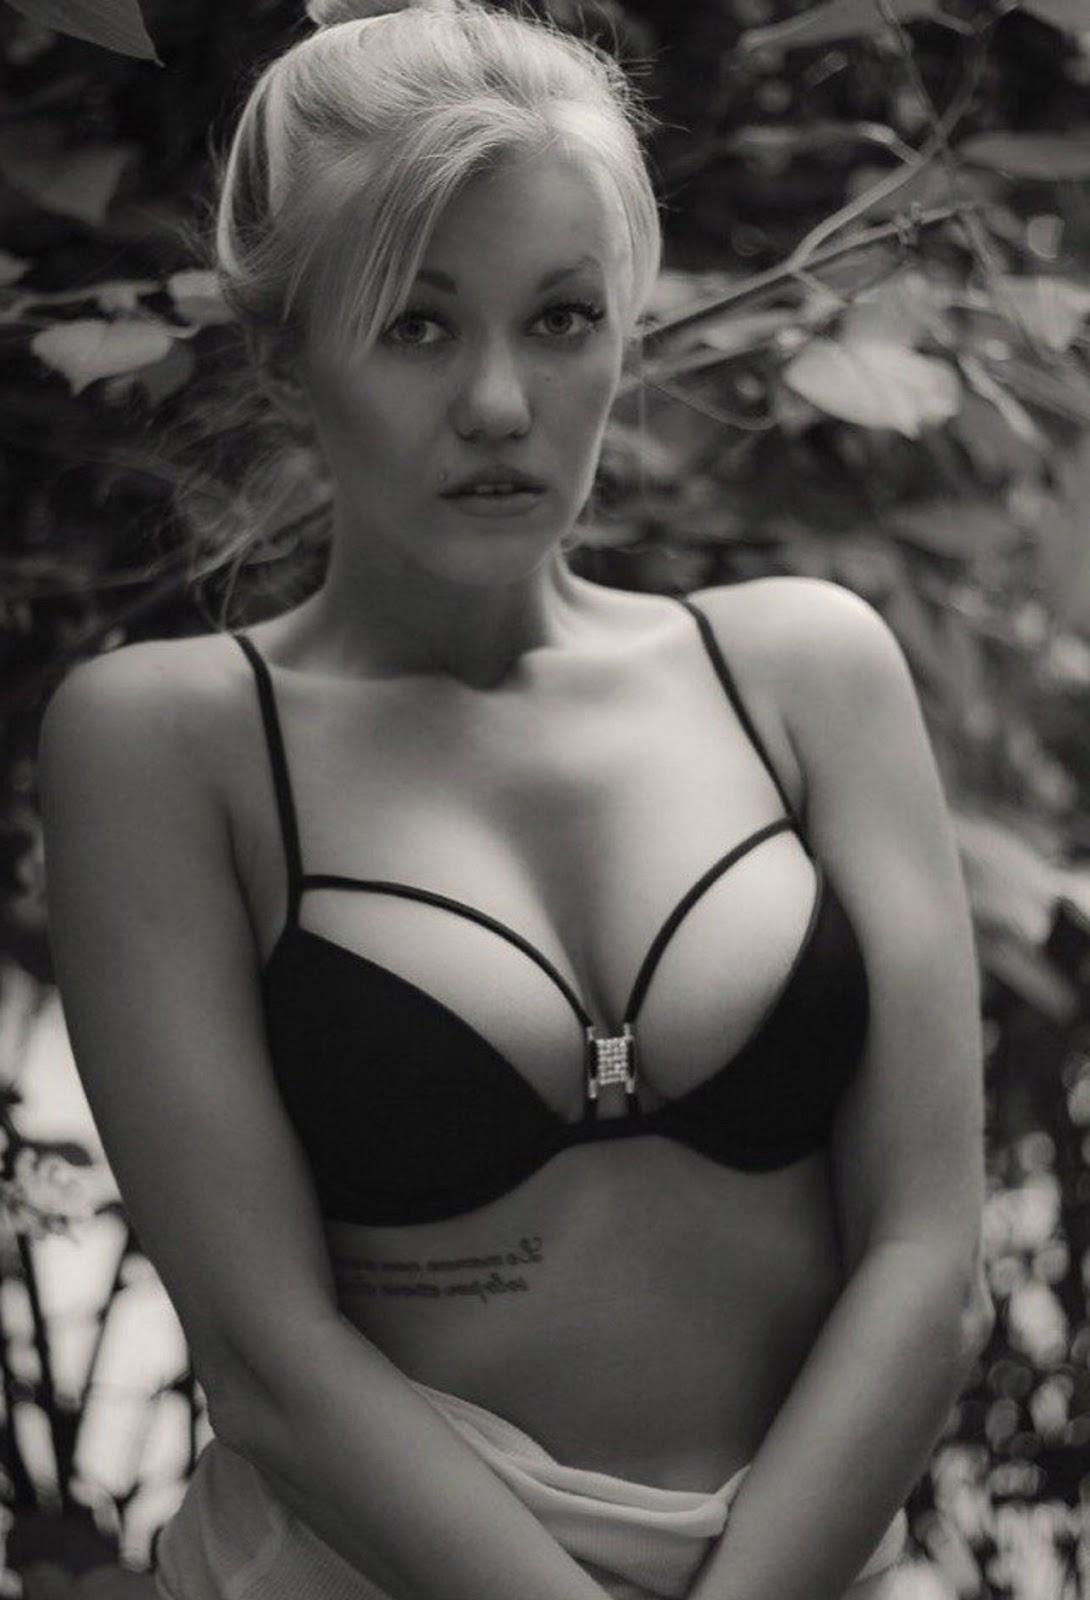 Russian Ideal Of Women 74